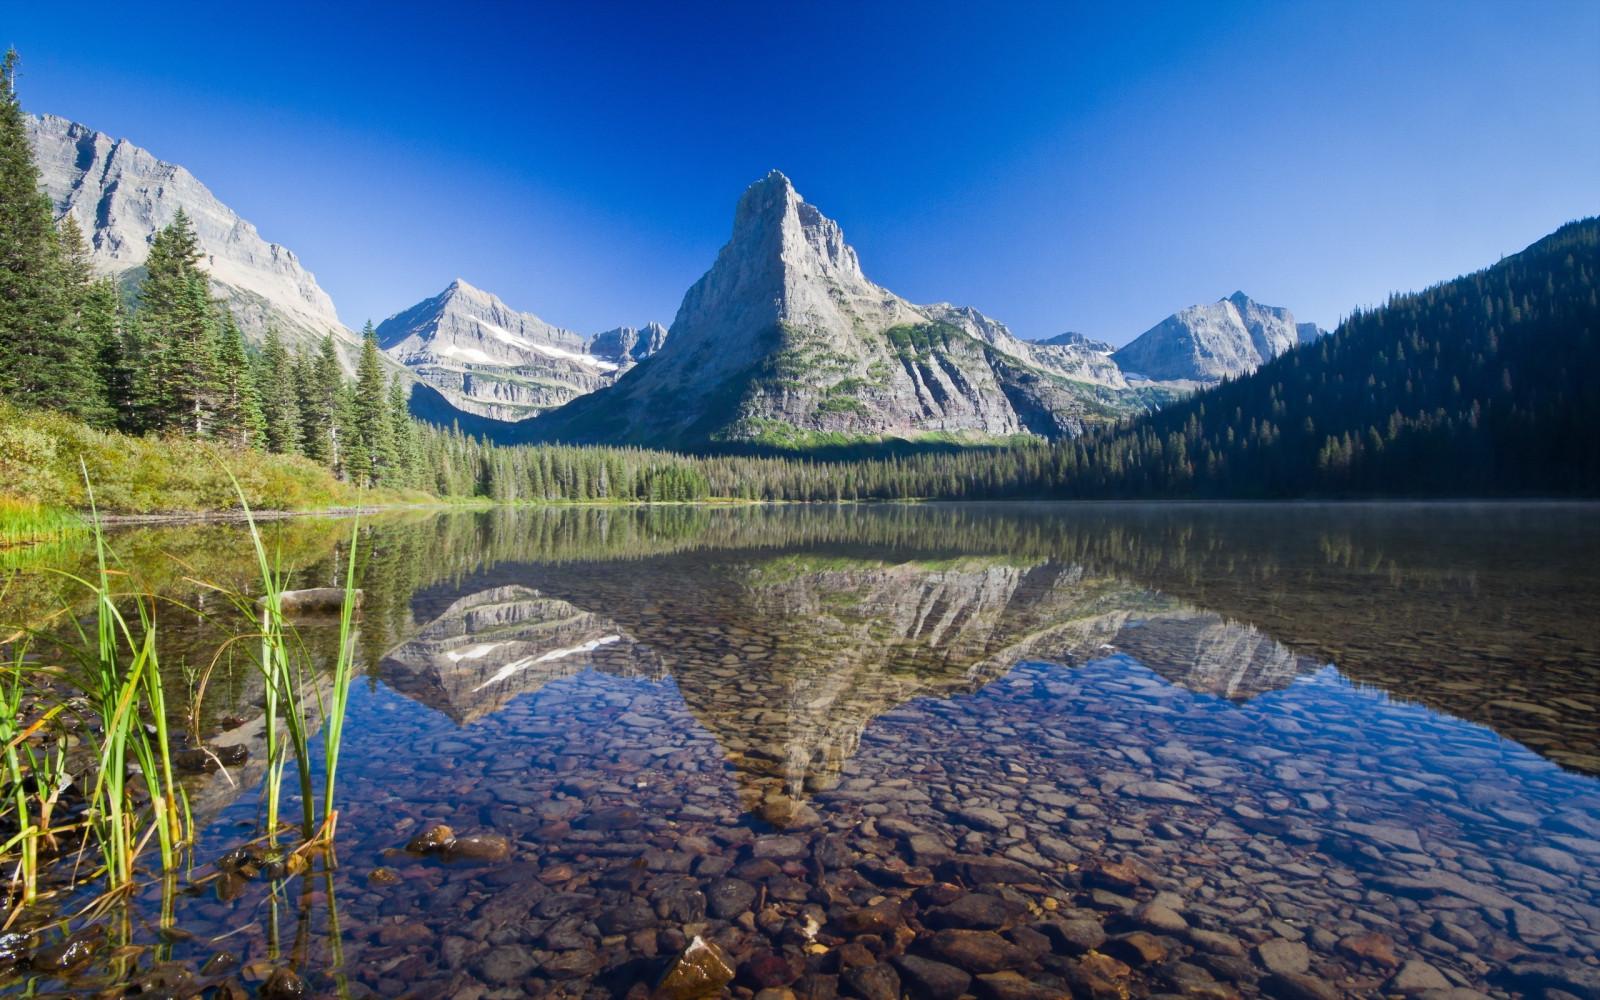 Wallpaper trees landscape forest lake nature - Glacier national park wallpaper ...